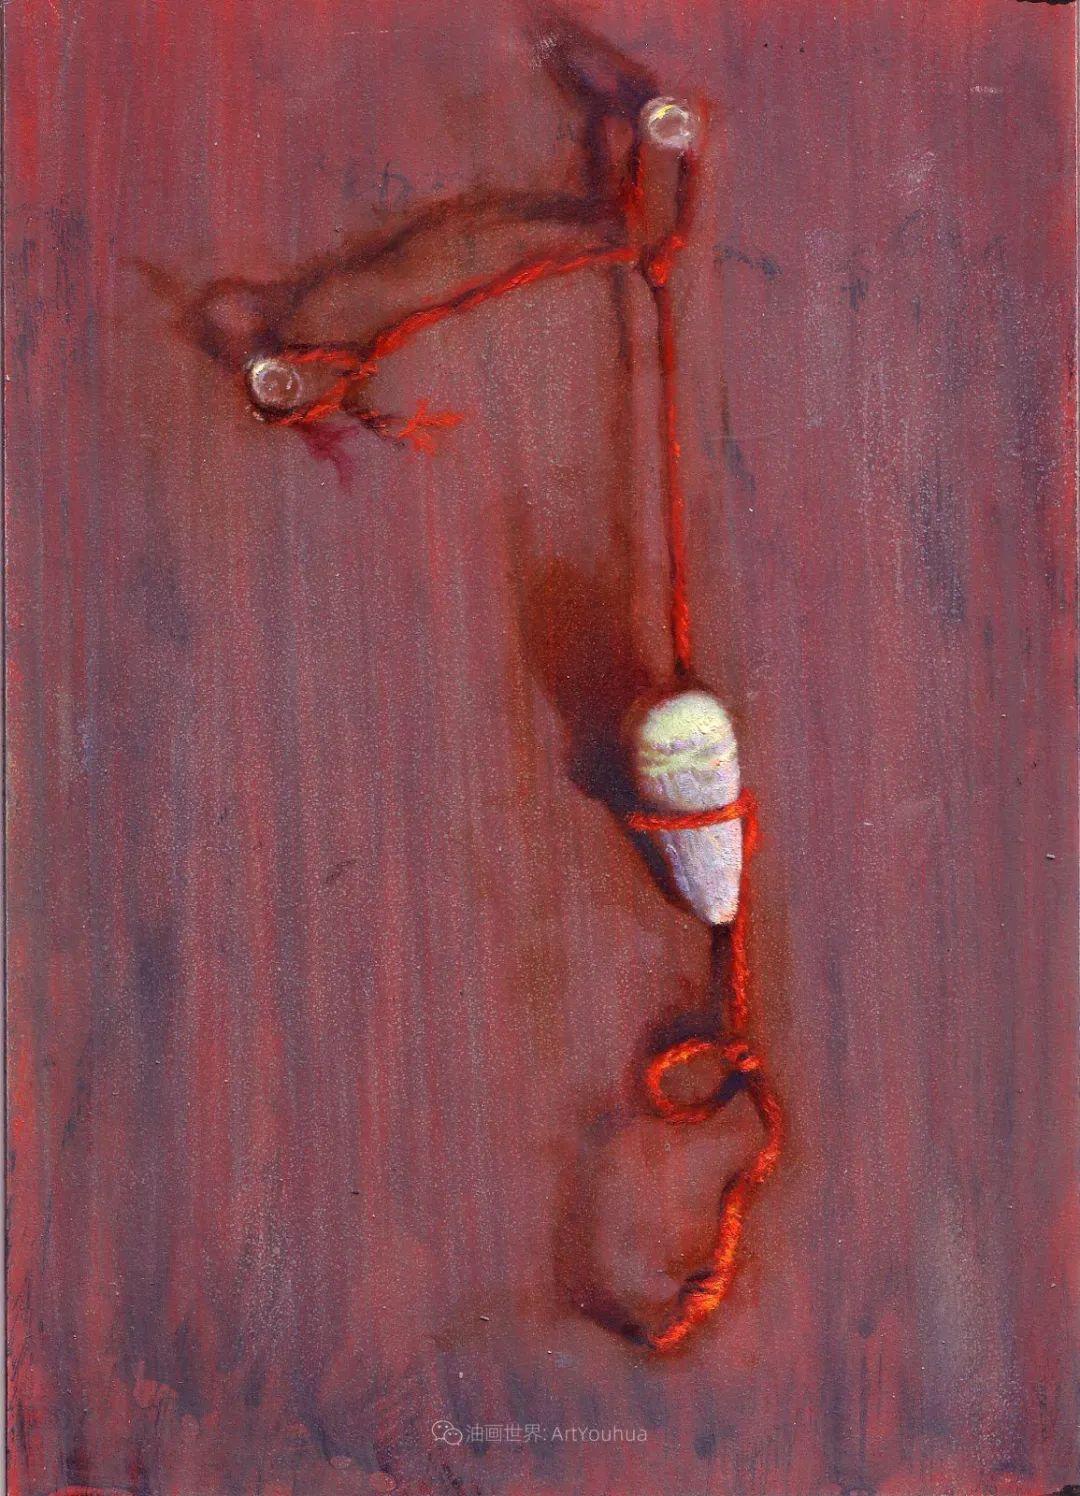 有趣而独特的人物肖像画,美国画家塞思·哈维坎普插图21